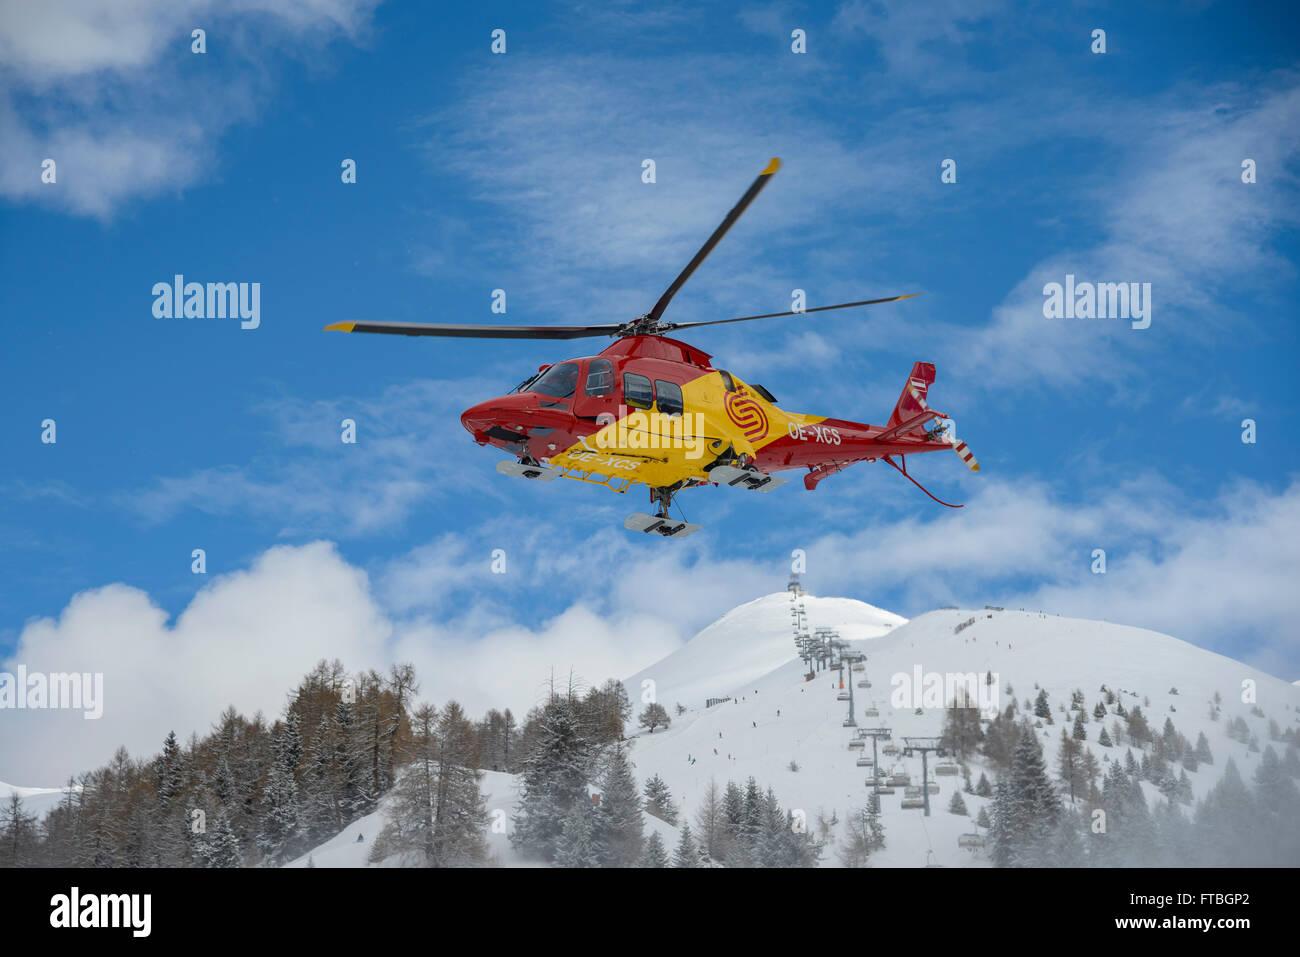 Helicopter in front of Mount Tscheyeck, Nauders ski resort in winter, Nauders, Tyrol, Austria - Stock Image